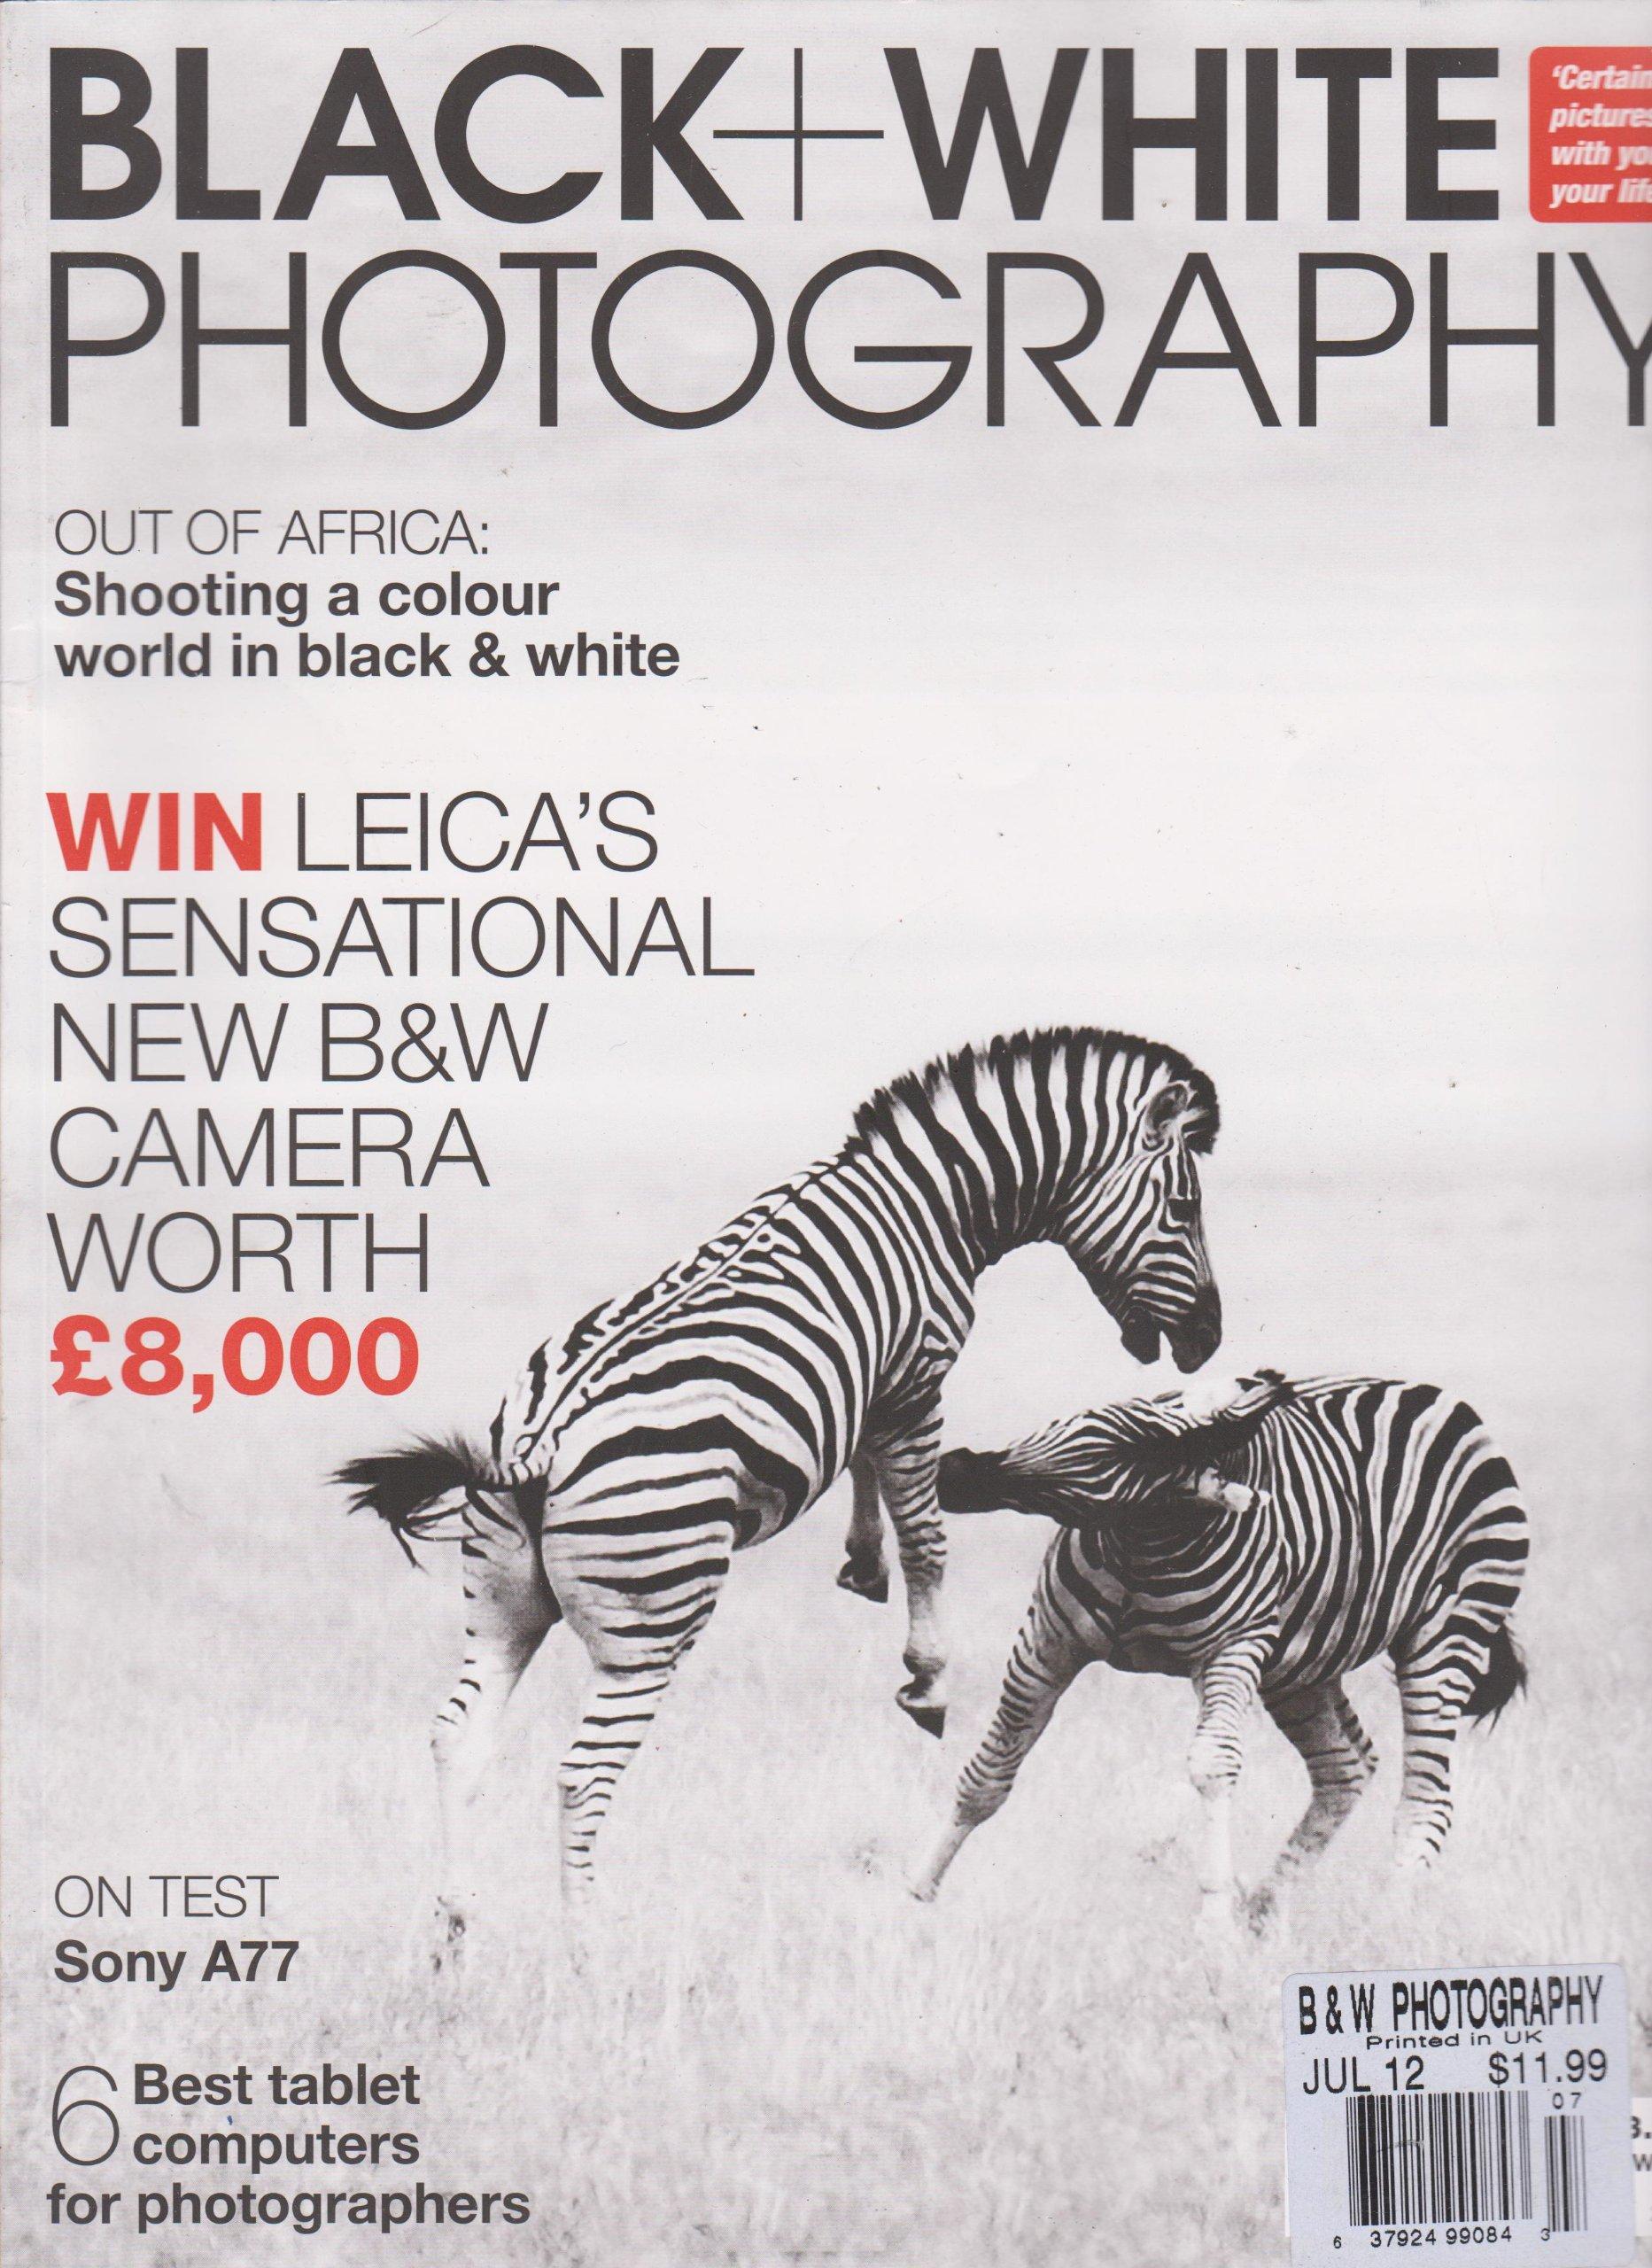 Black + White Photography Magazine (July 2012)